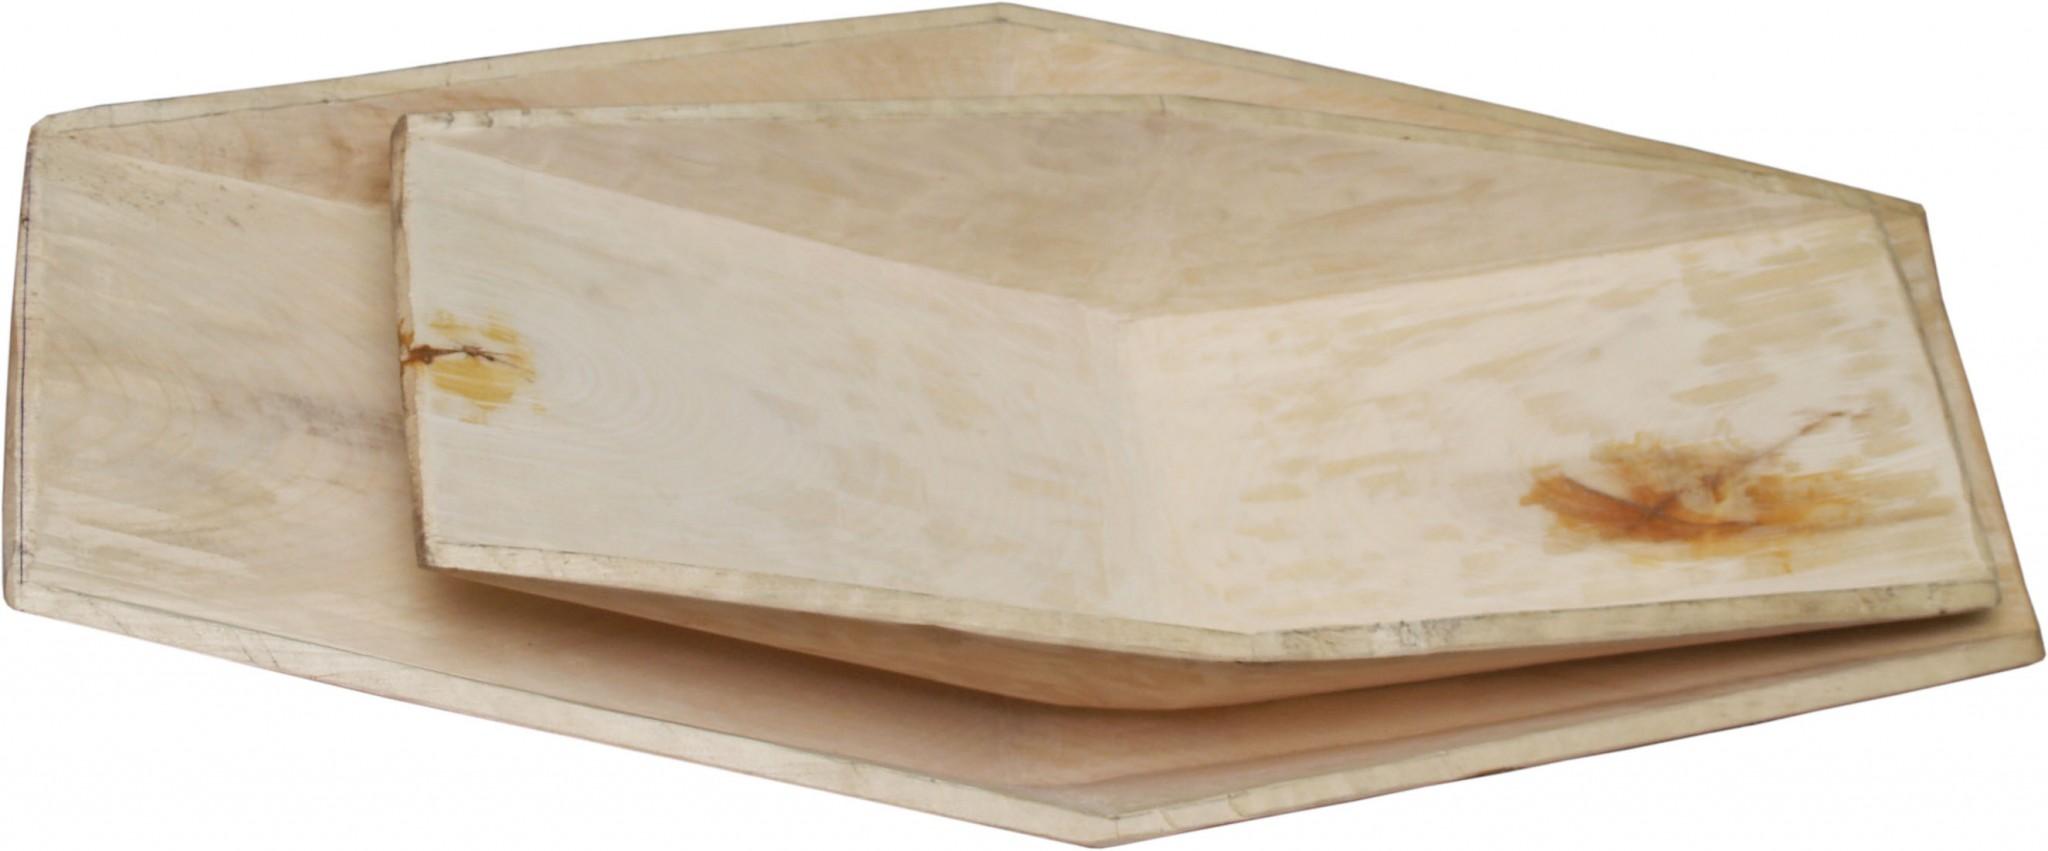 лотки деревянные большой и малый